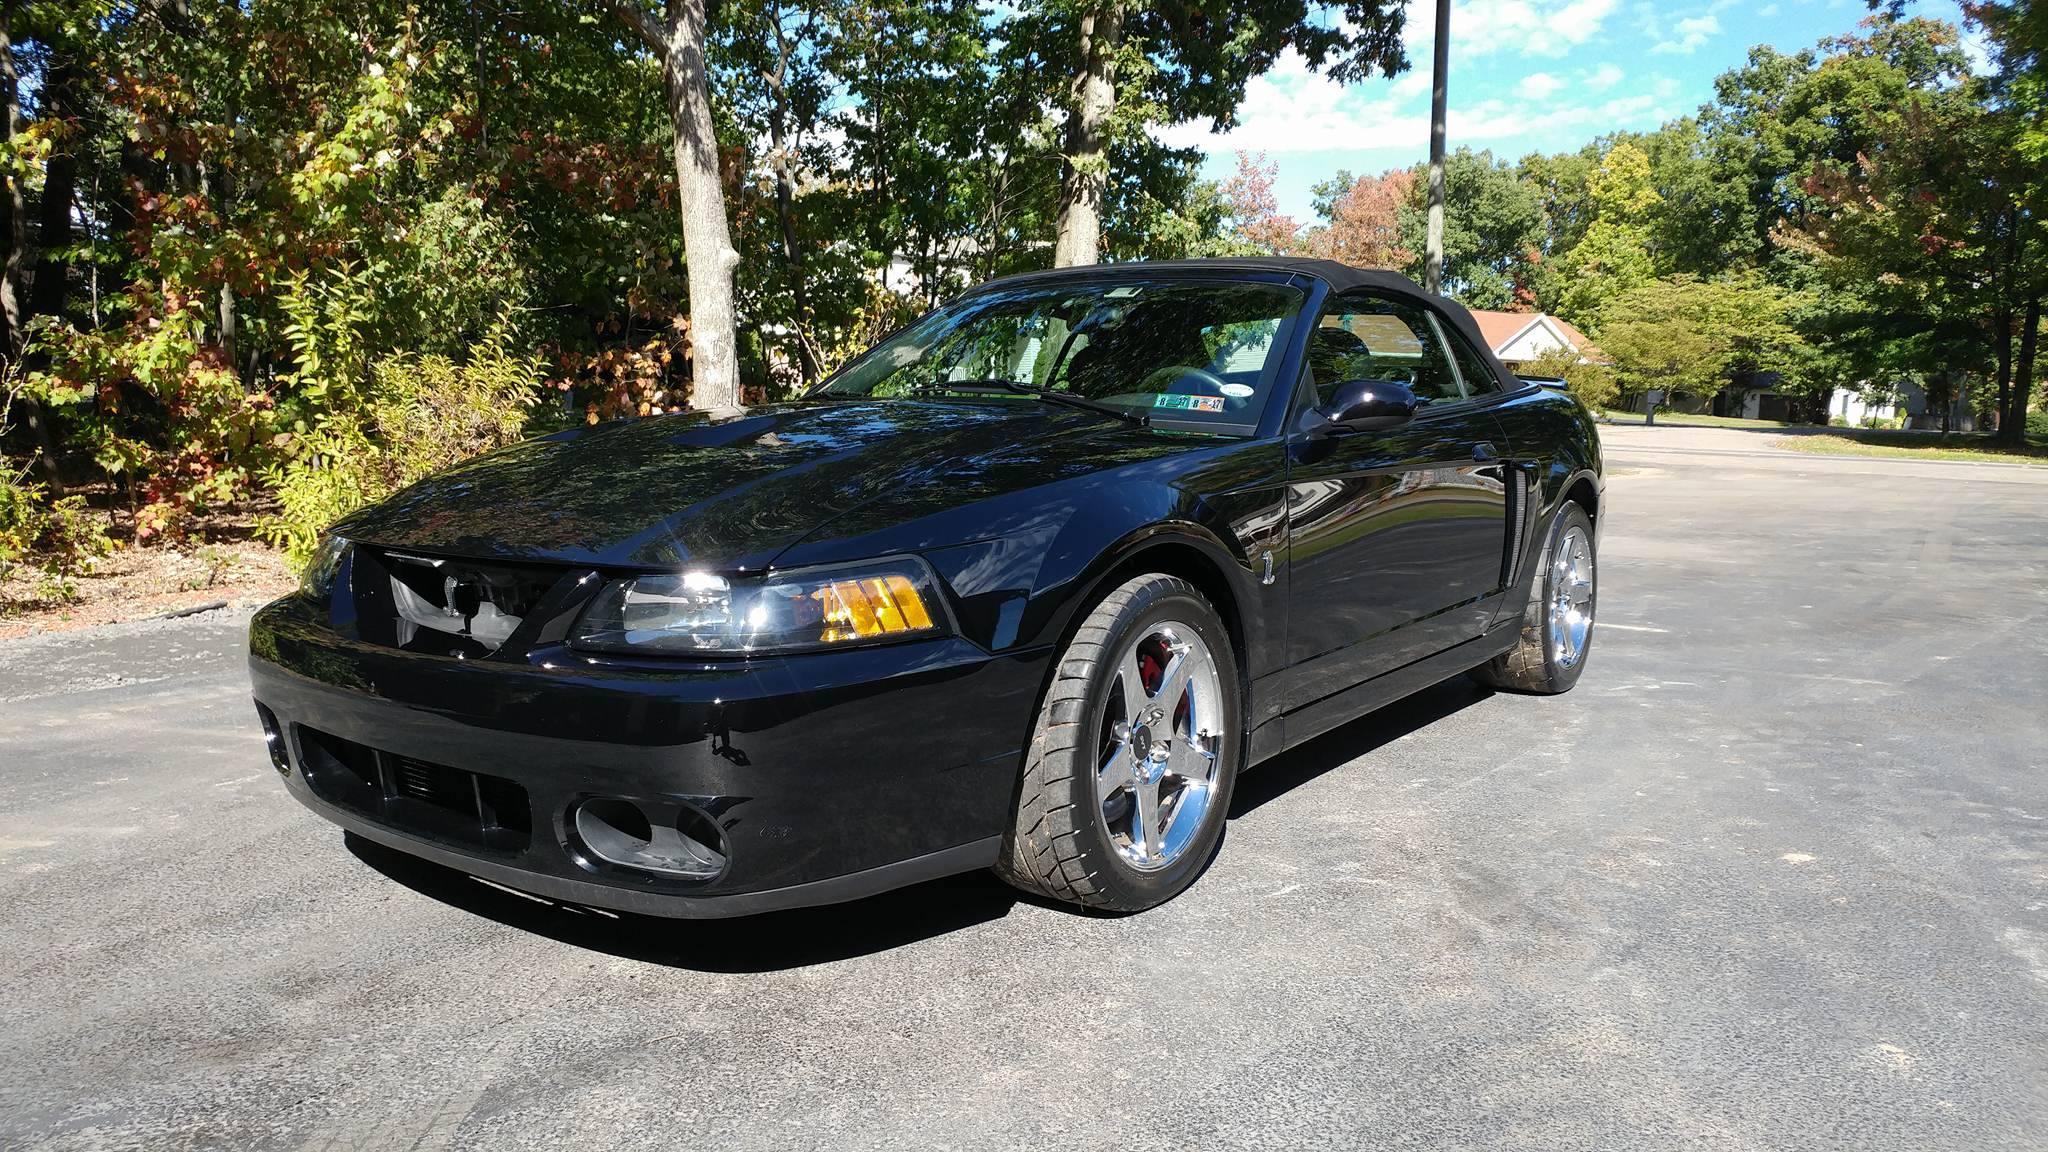 Black Mustang Cobra